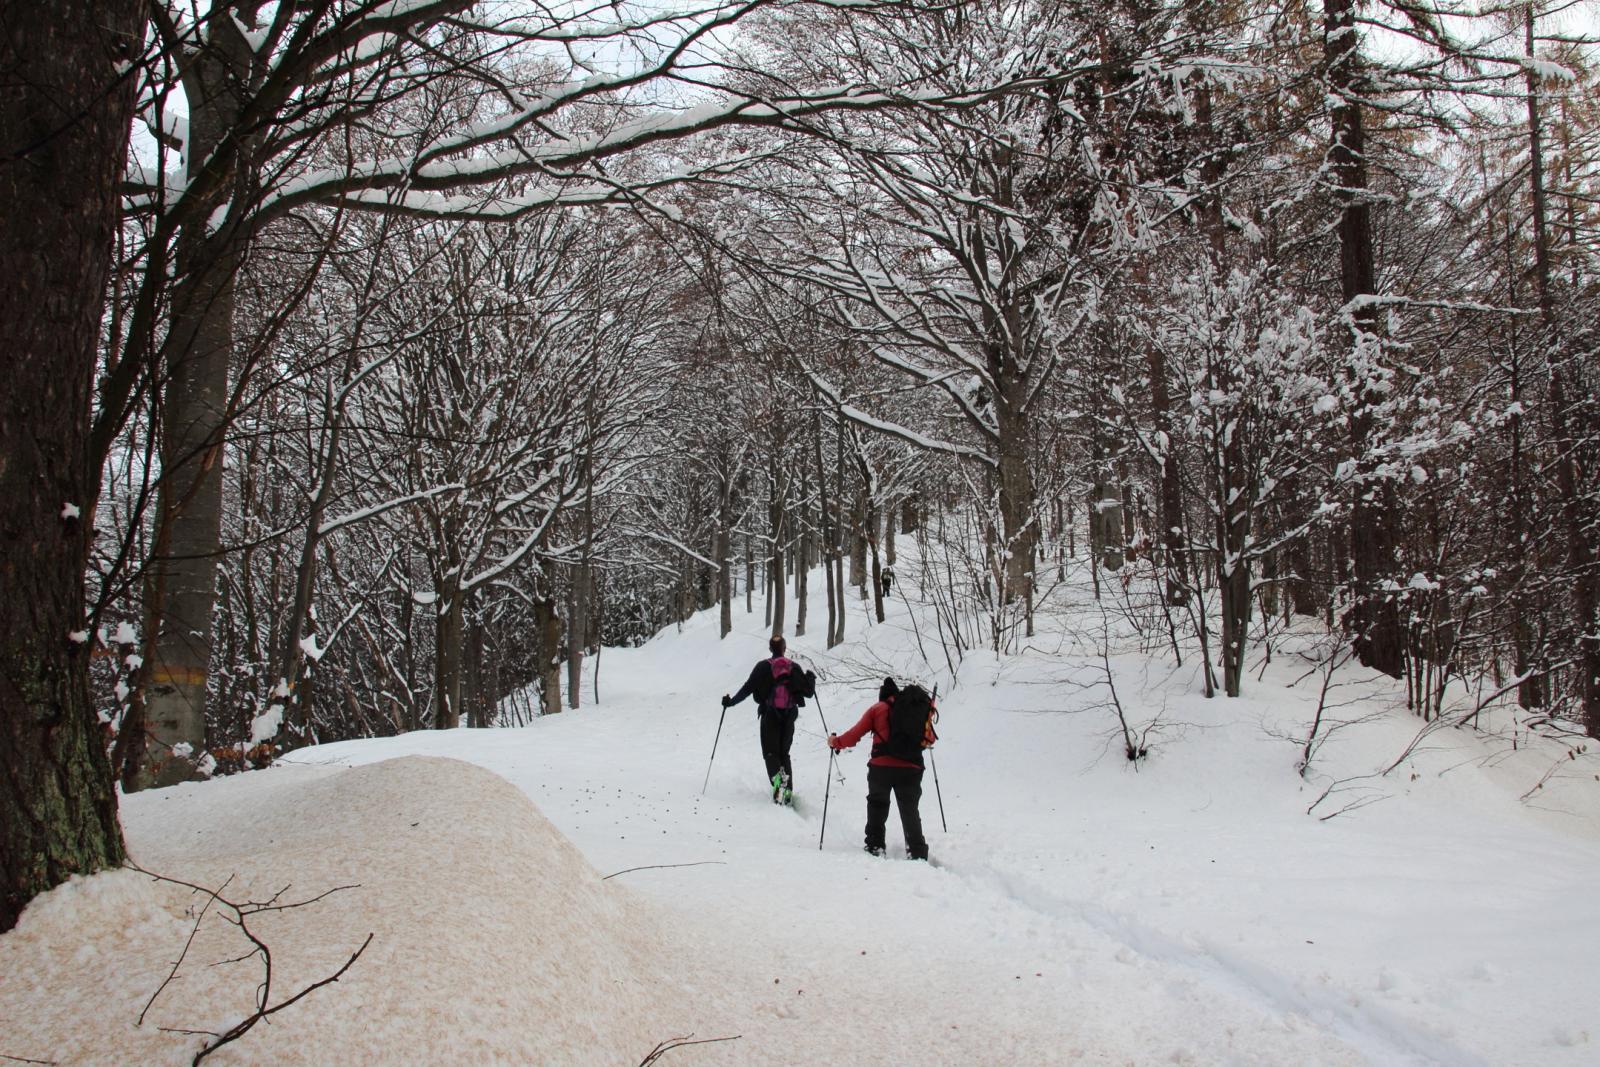 scialpinista locale e Maurizio in azione nel bosco sopra il Gias Sottano Baus di Lula (21-12-2013)